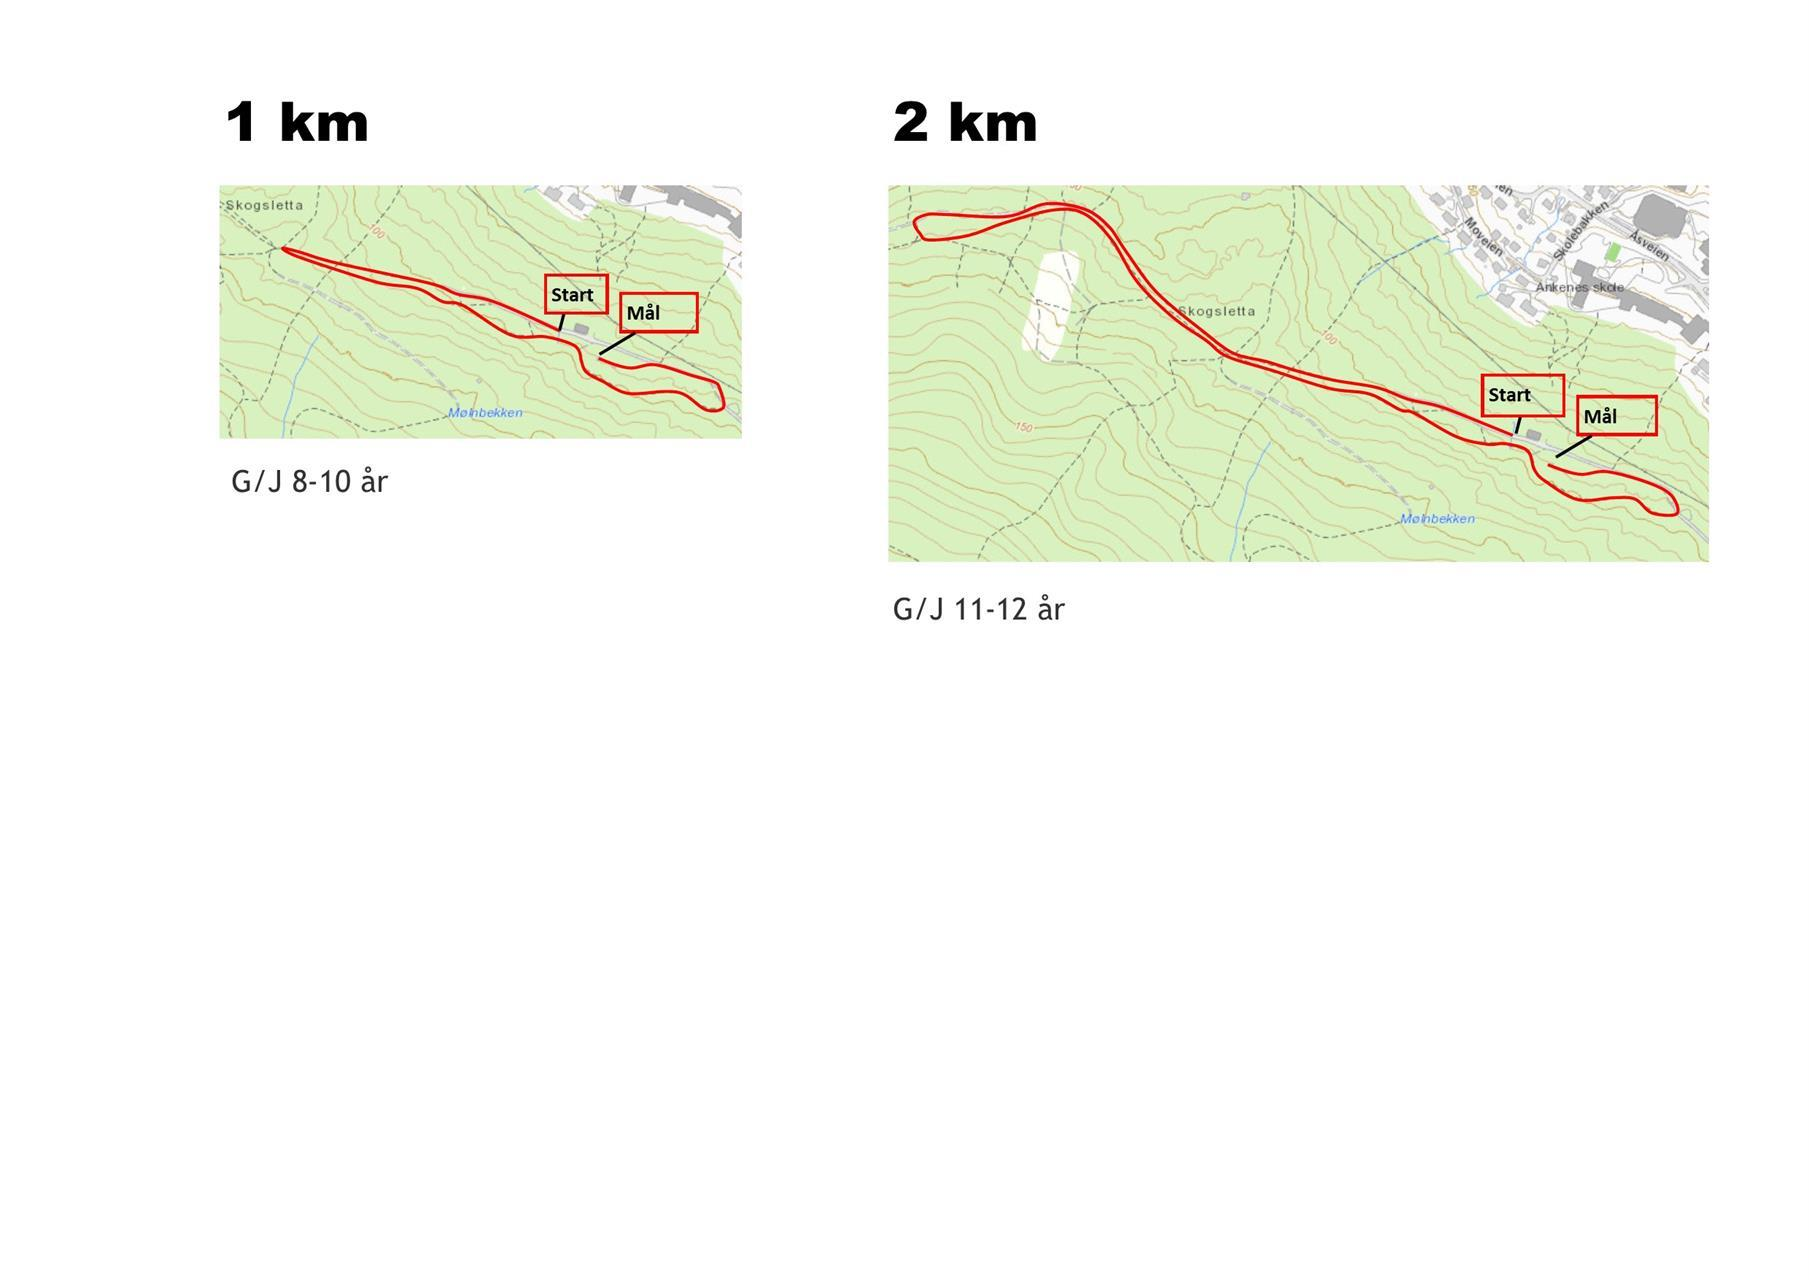 1 og 2 km